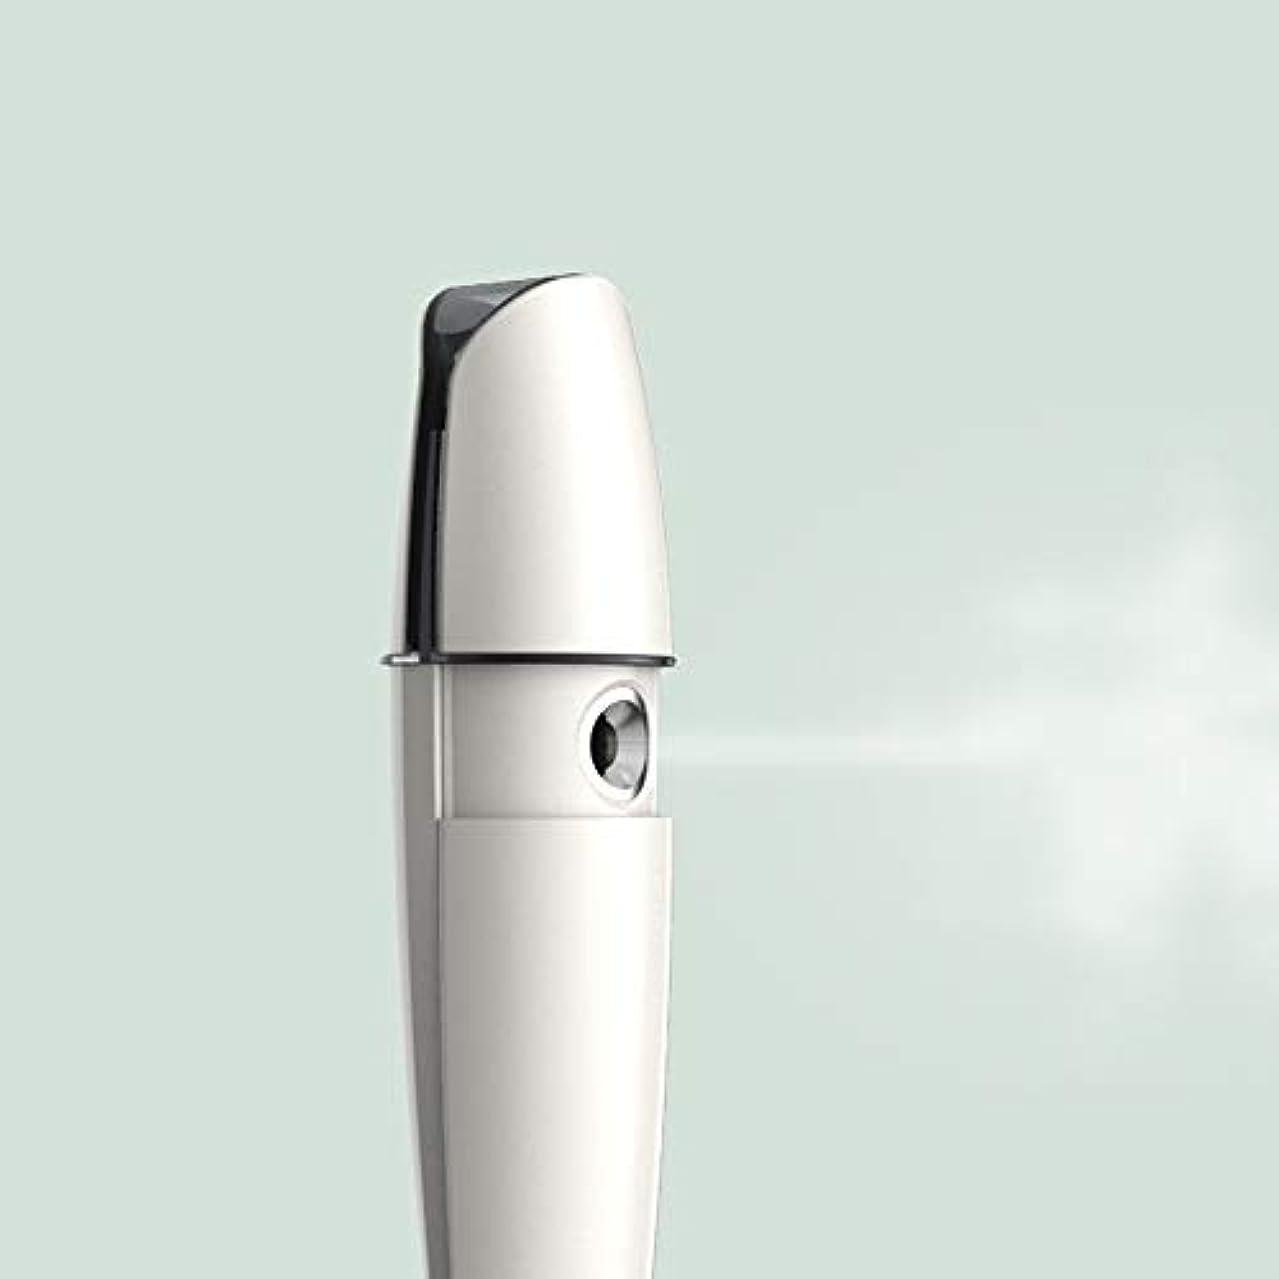 折る果てしないみがきますZXF 充電式コールドスプレー機家庭用スチームフェイス美容機器ナノスプレーフェイス加湿水道メーターホワイトABS素材 滑らかである